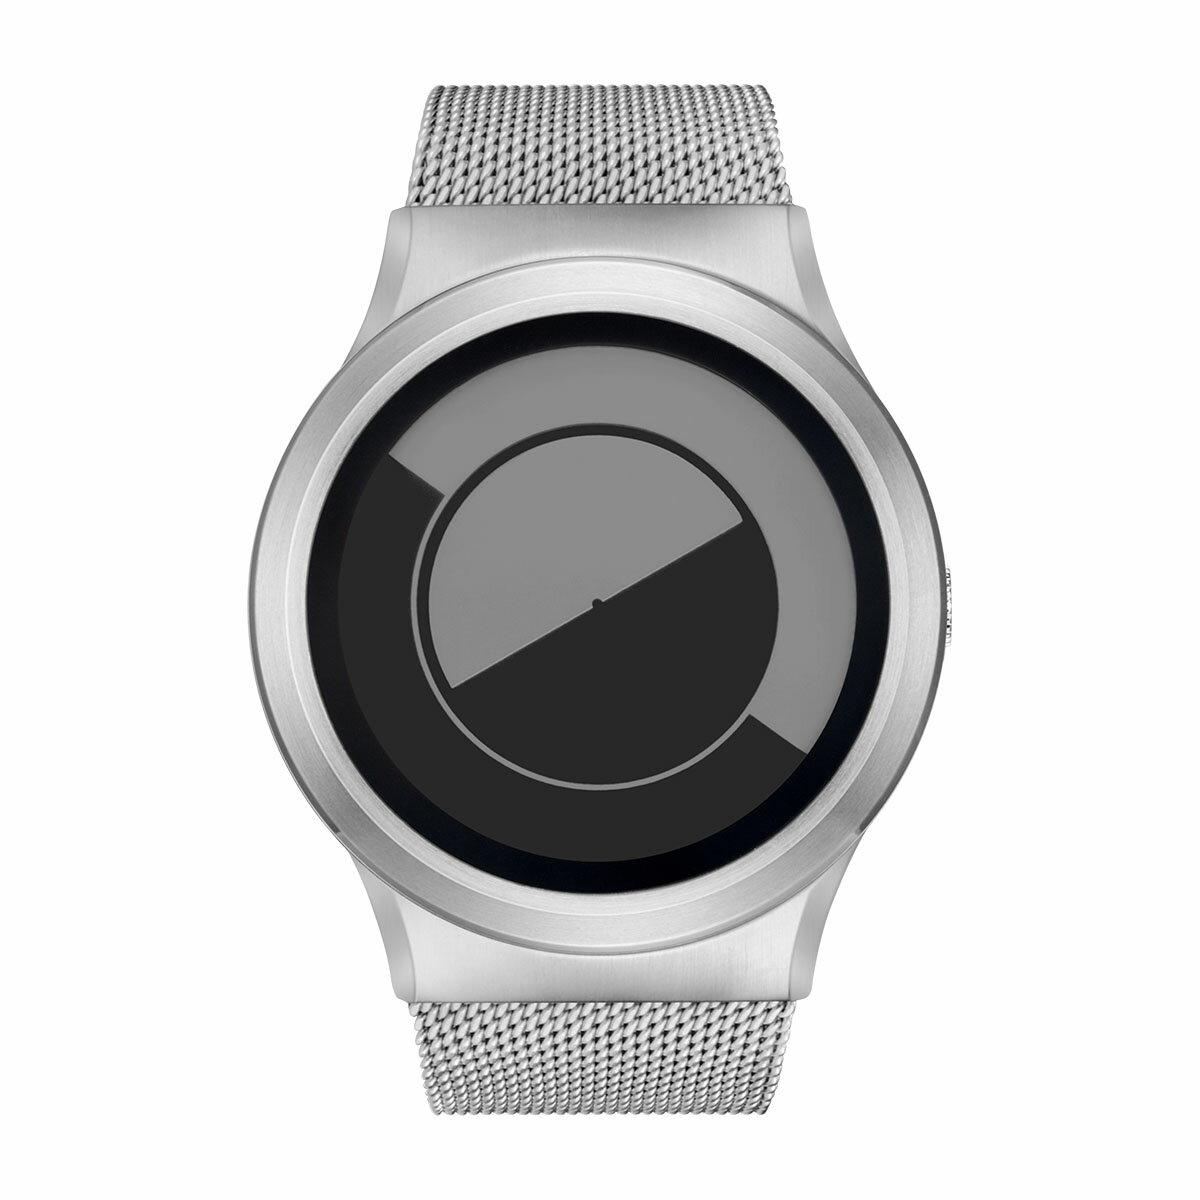 ZEROO QUARTER MOON ゼロ 電池式クォーツ 腕時計 [W08035B01SM01] グレイ デザインウォッチ ペア用 メンズ レディース ユニセックス おしゃれ時計 デザイナーズ